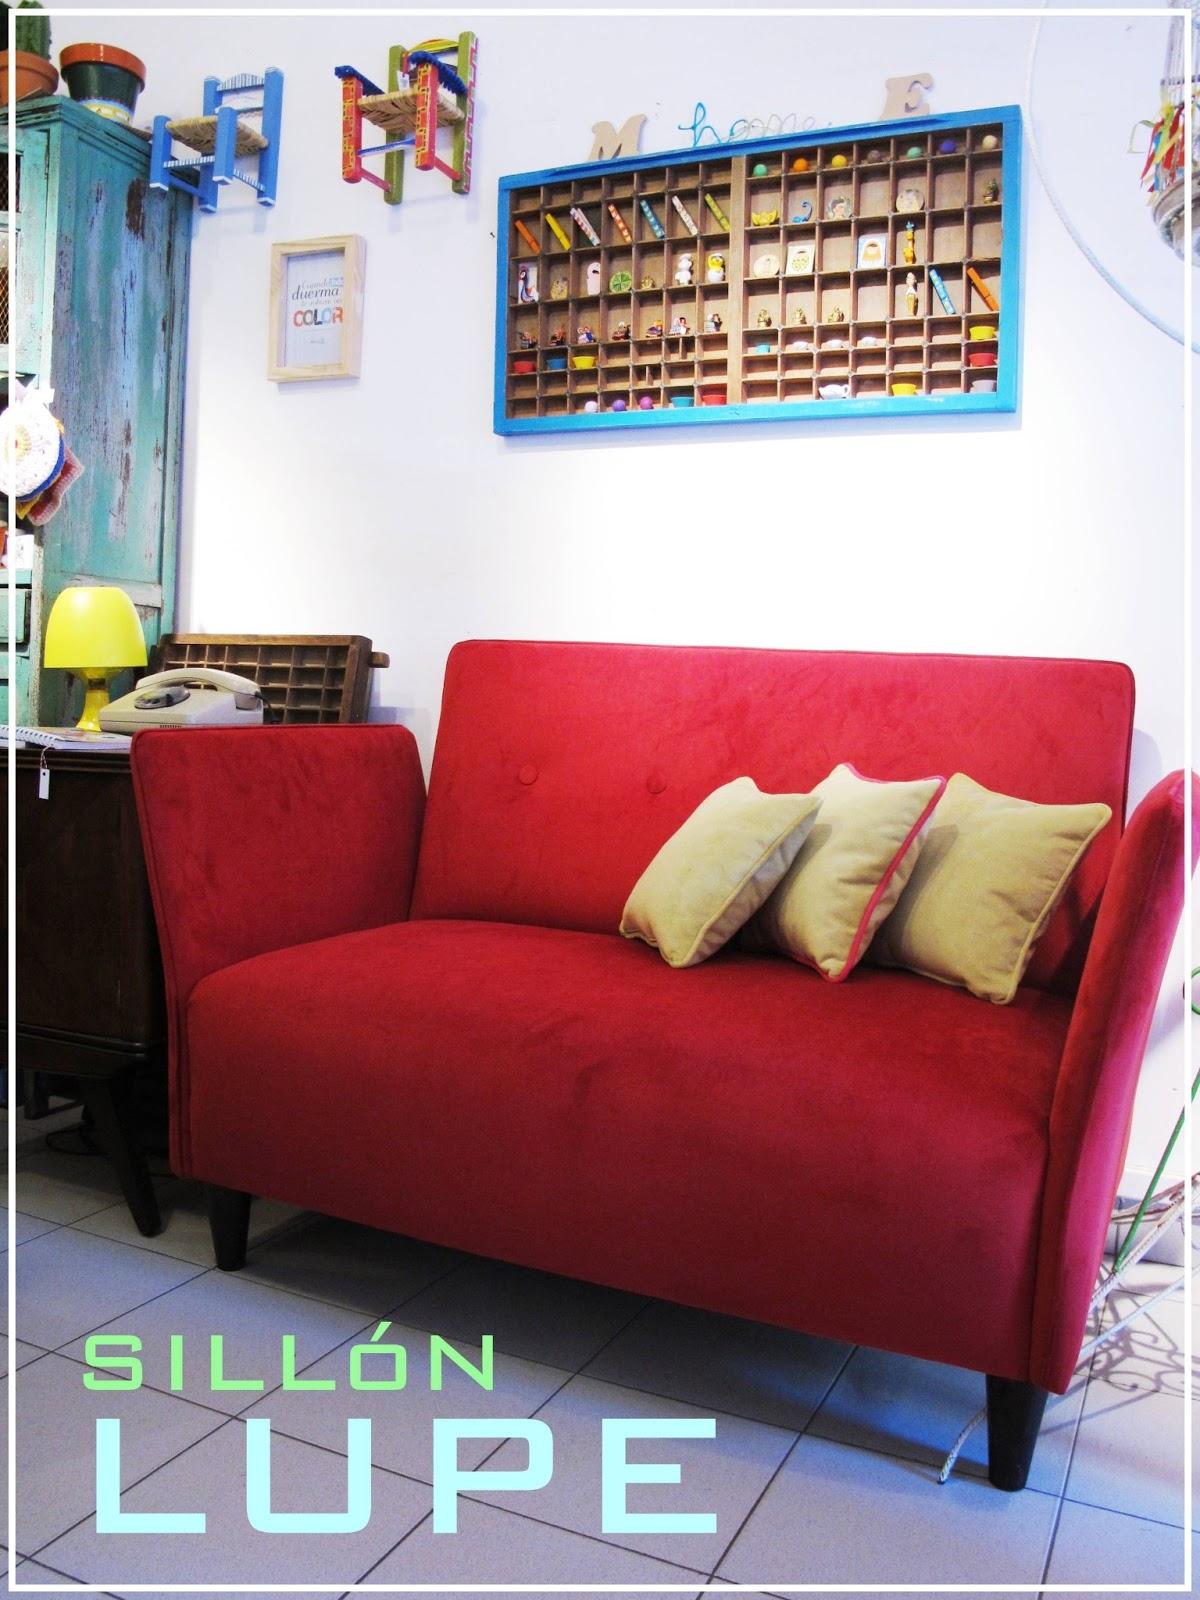 Variopinta objetos muebles variopinta muebles for Sillon de dos cuerpos